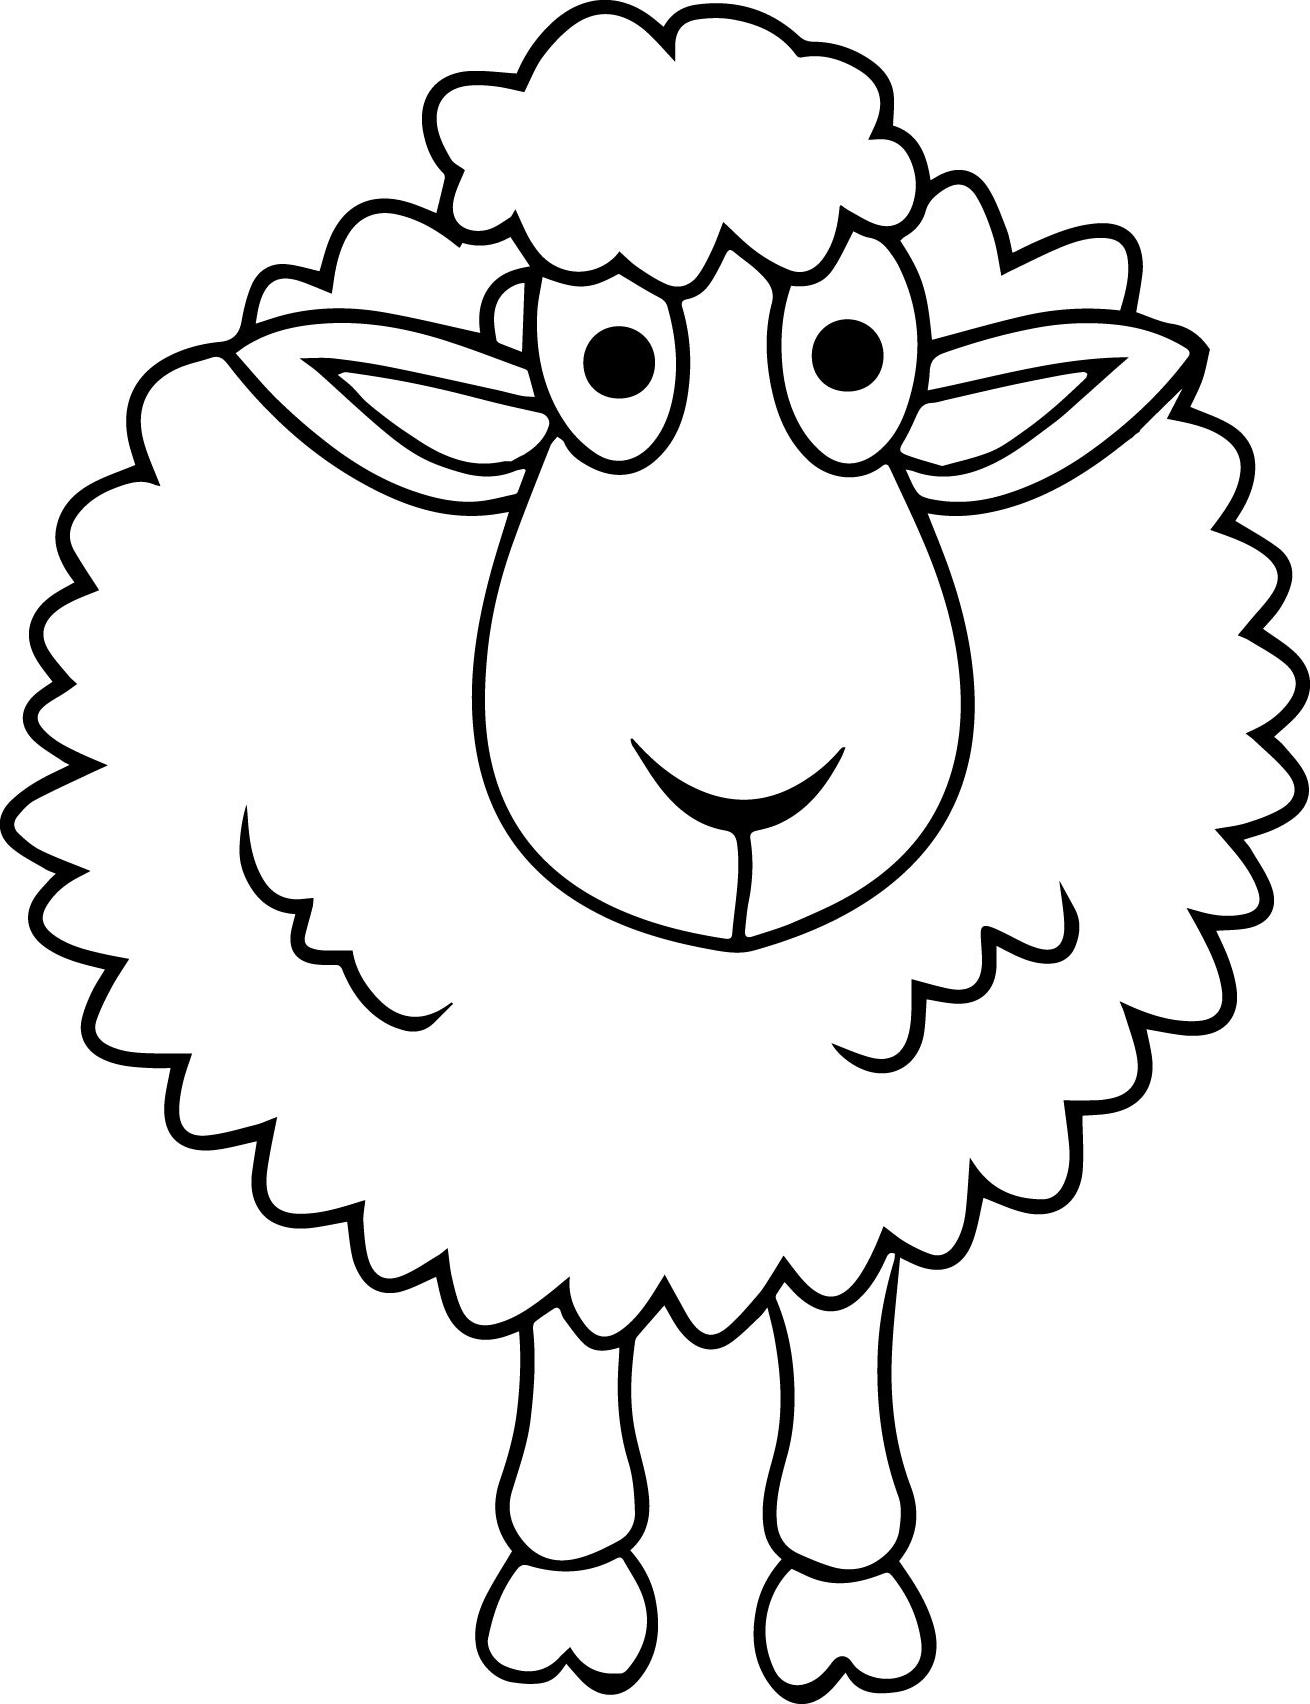 Contoh Gambar Mewarnai Domba Lucu   Kataucap regarding Gambar Domba Sketsa